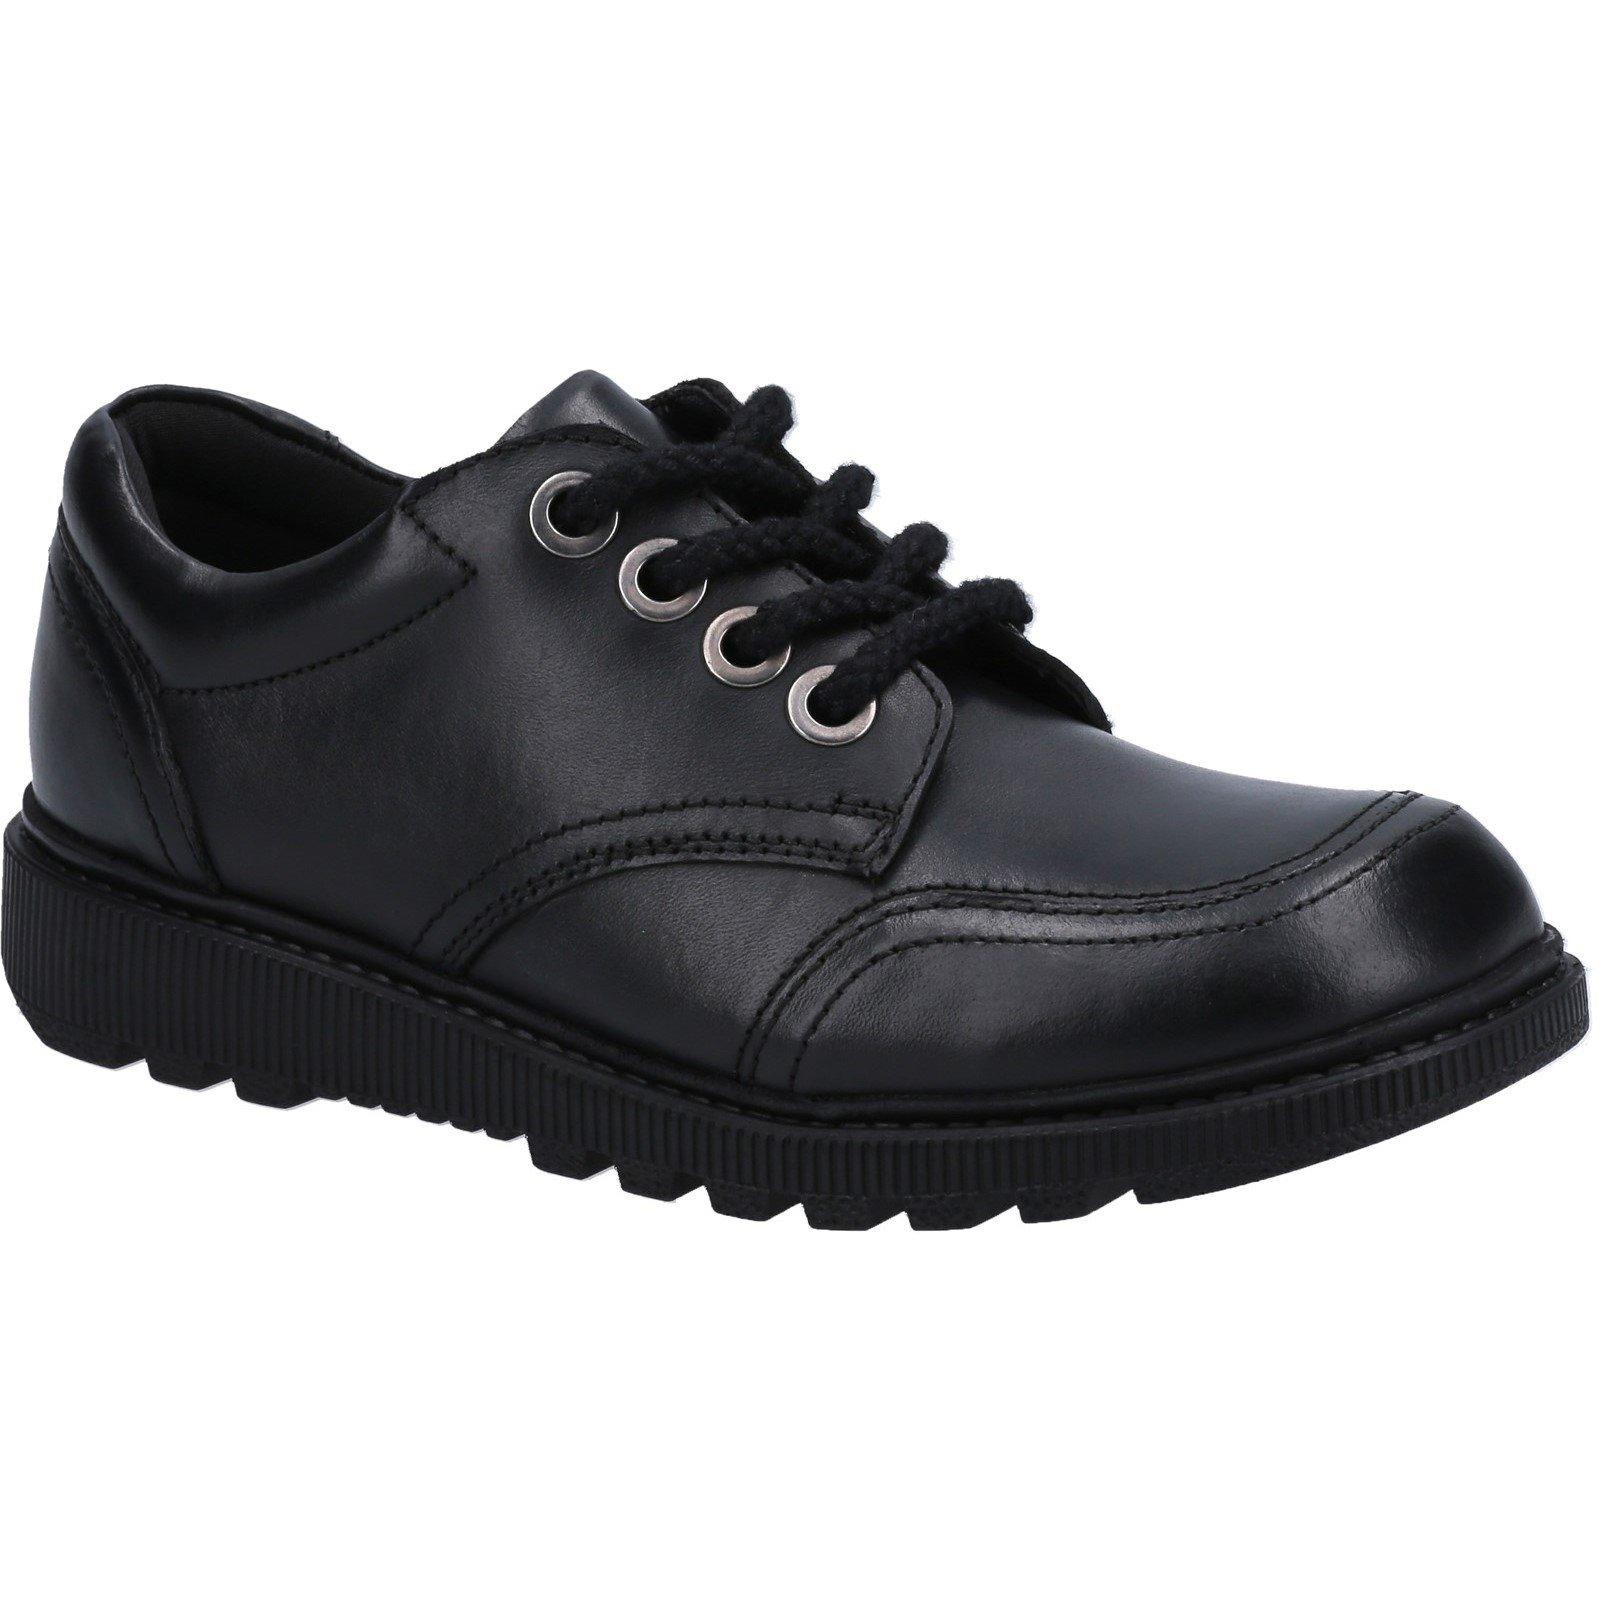 Hush Puppies Kid's Kiera Senior School Shoe Black 30822 - Black 3